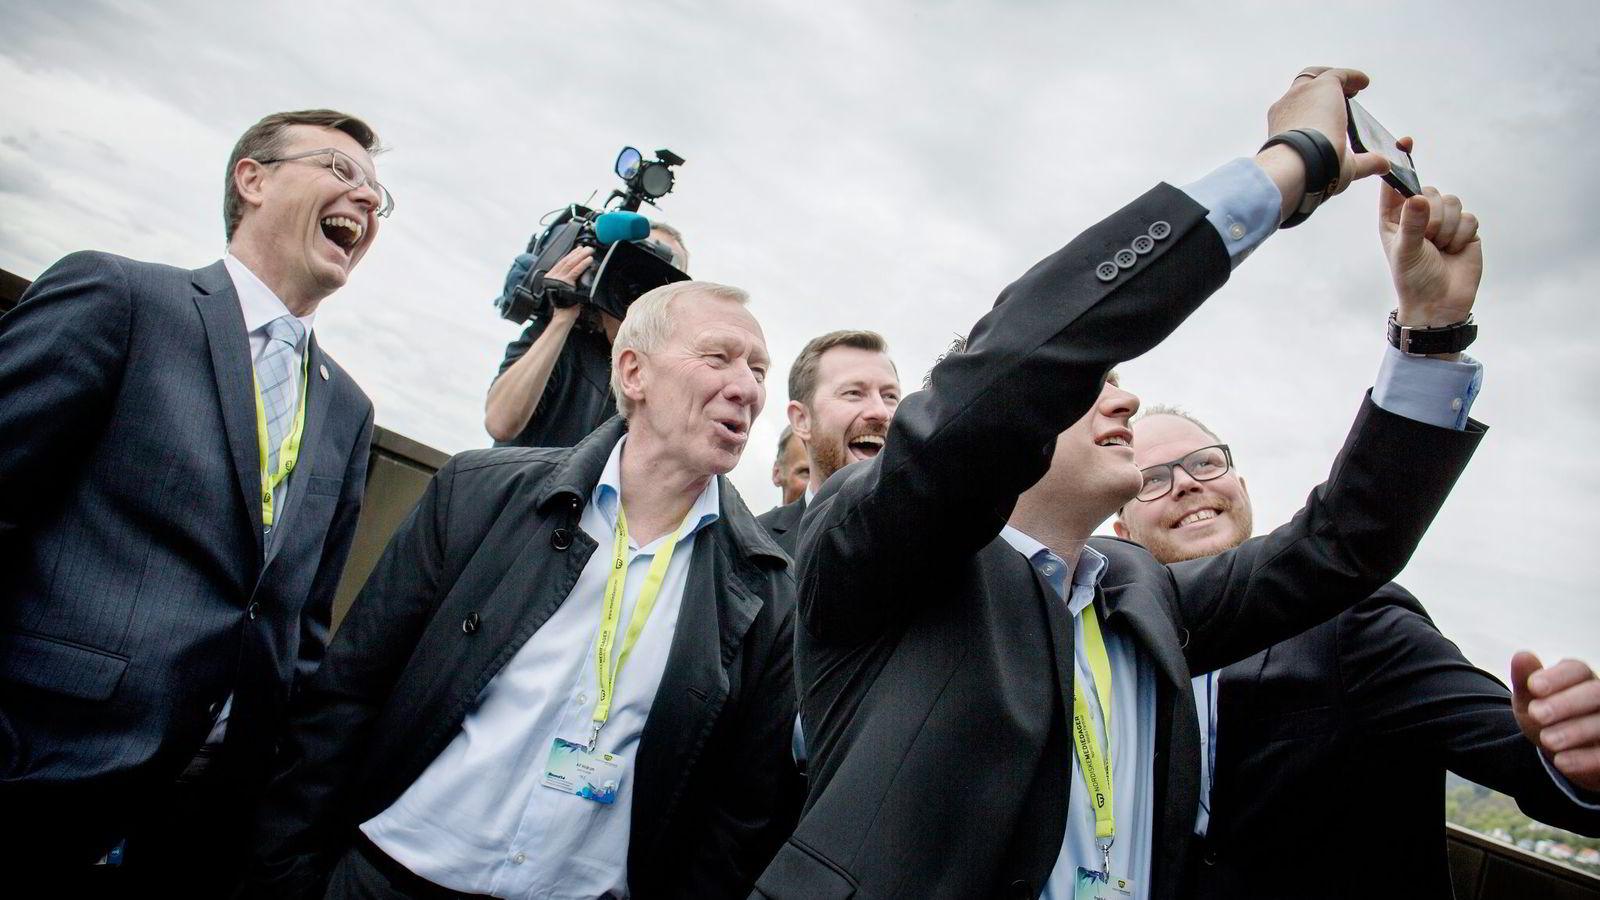 I NYTT MEDIEHUS. UiB-rektor Dag Rune Olsen (fra venstre), TV 2-sjef Alf Hildrum, BA-redaktør Anders Nyland, Vizrt-direktør Fredrik Gunnestad (som tar bilde) og BT-redaktør Gard Steiro er enige om samlokalisering. Foto: